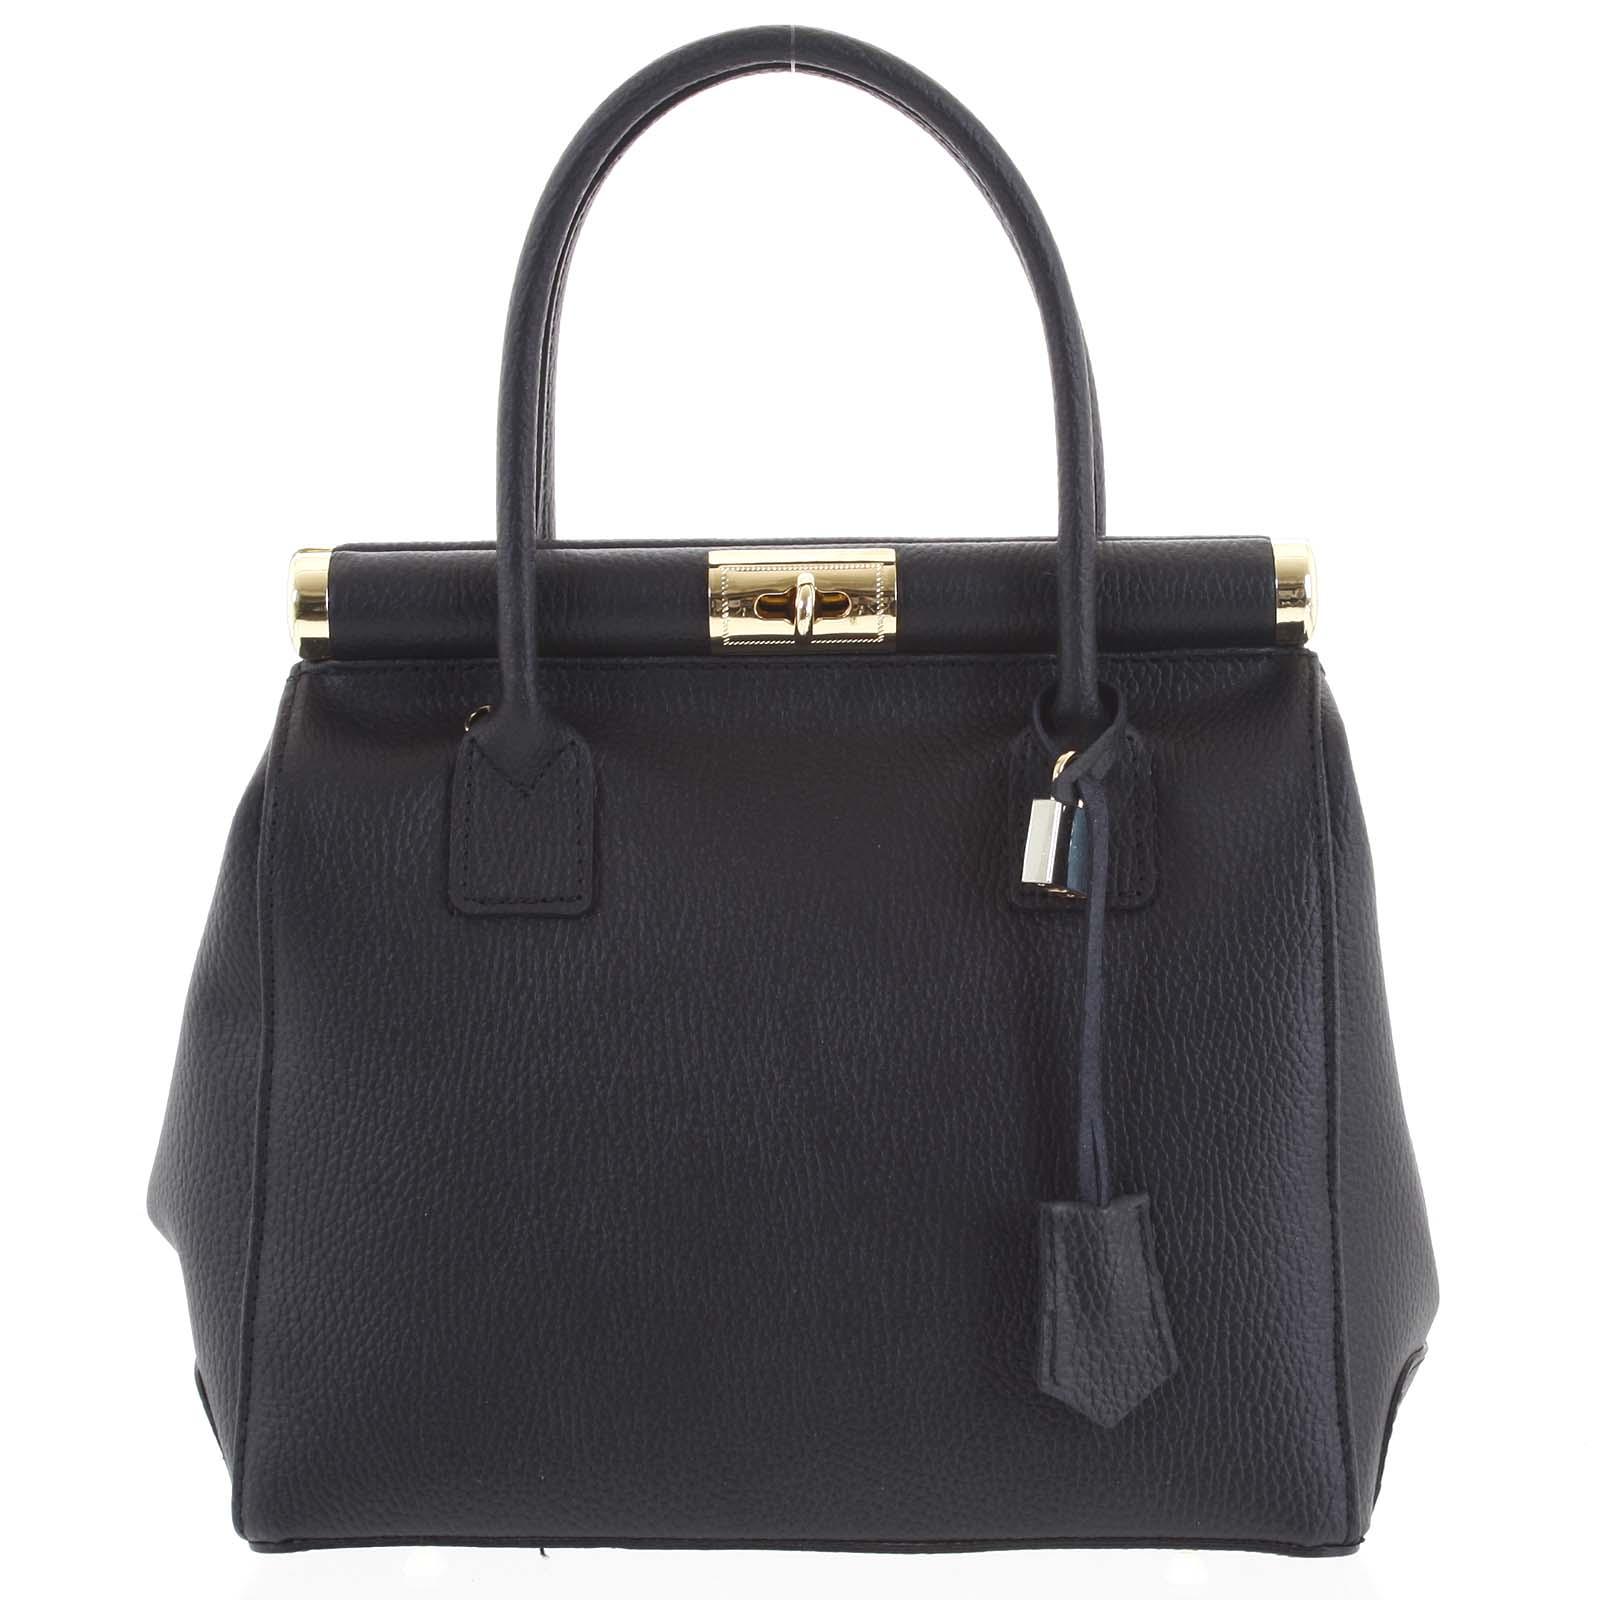 Luxusná dámska kožená kabelka do ruky čierna - ItalY Hyla